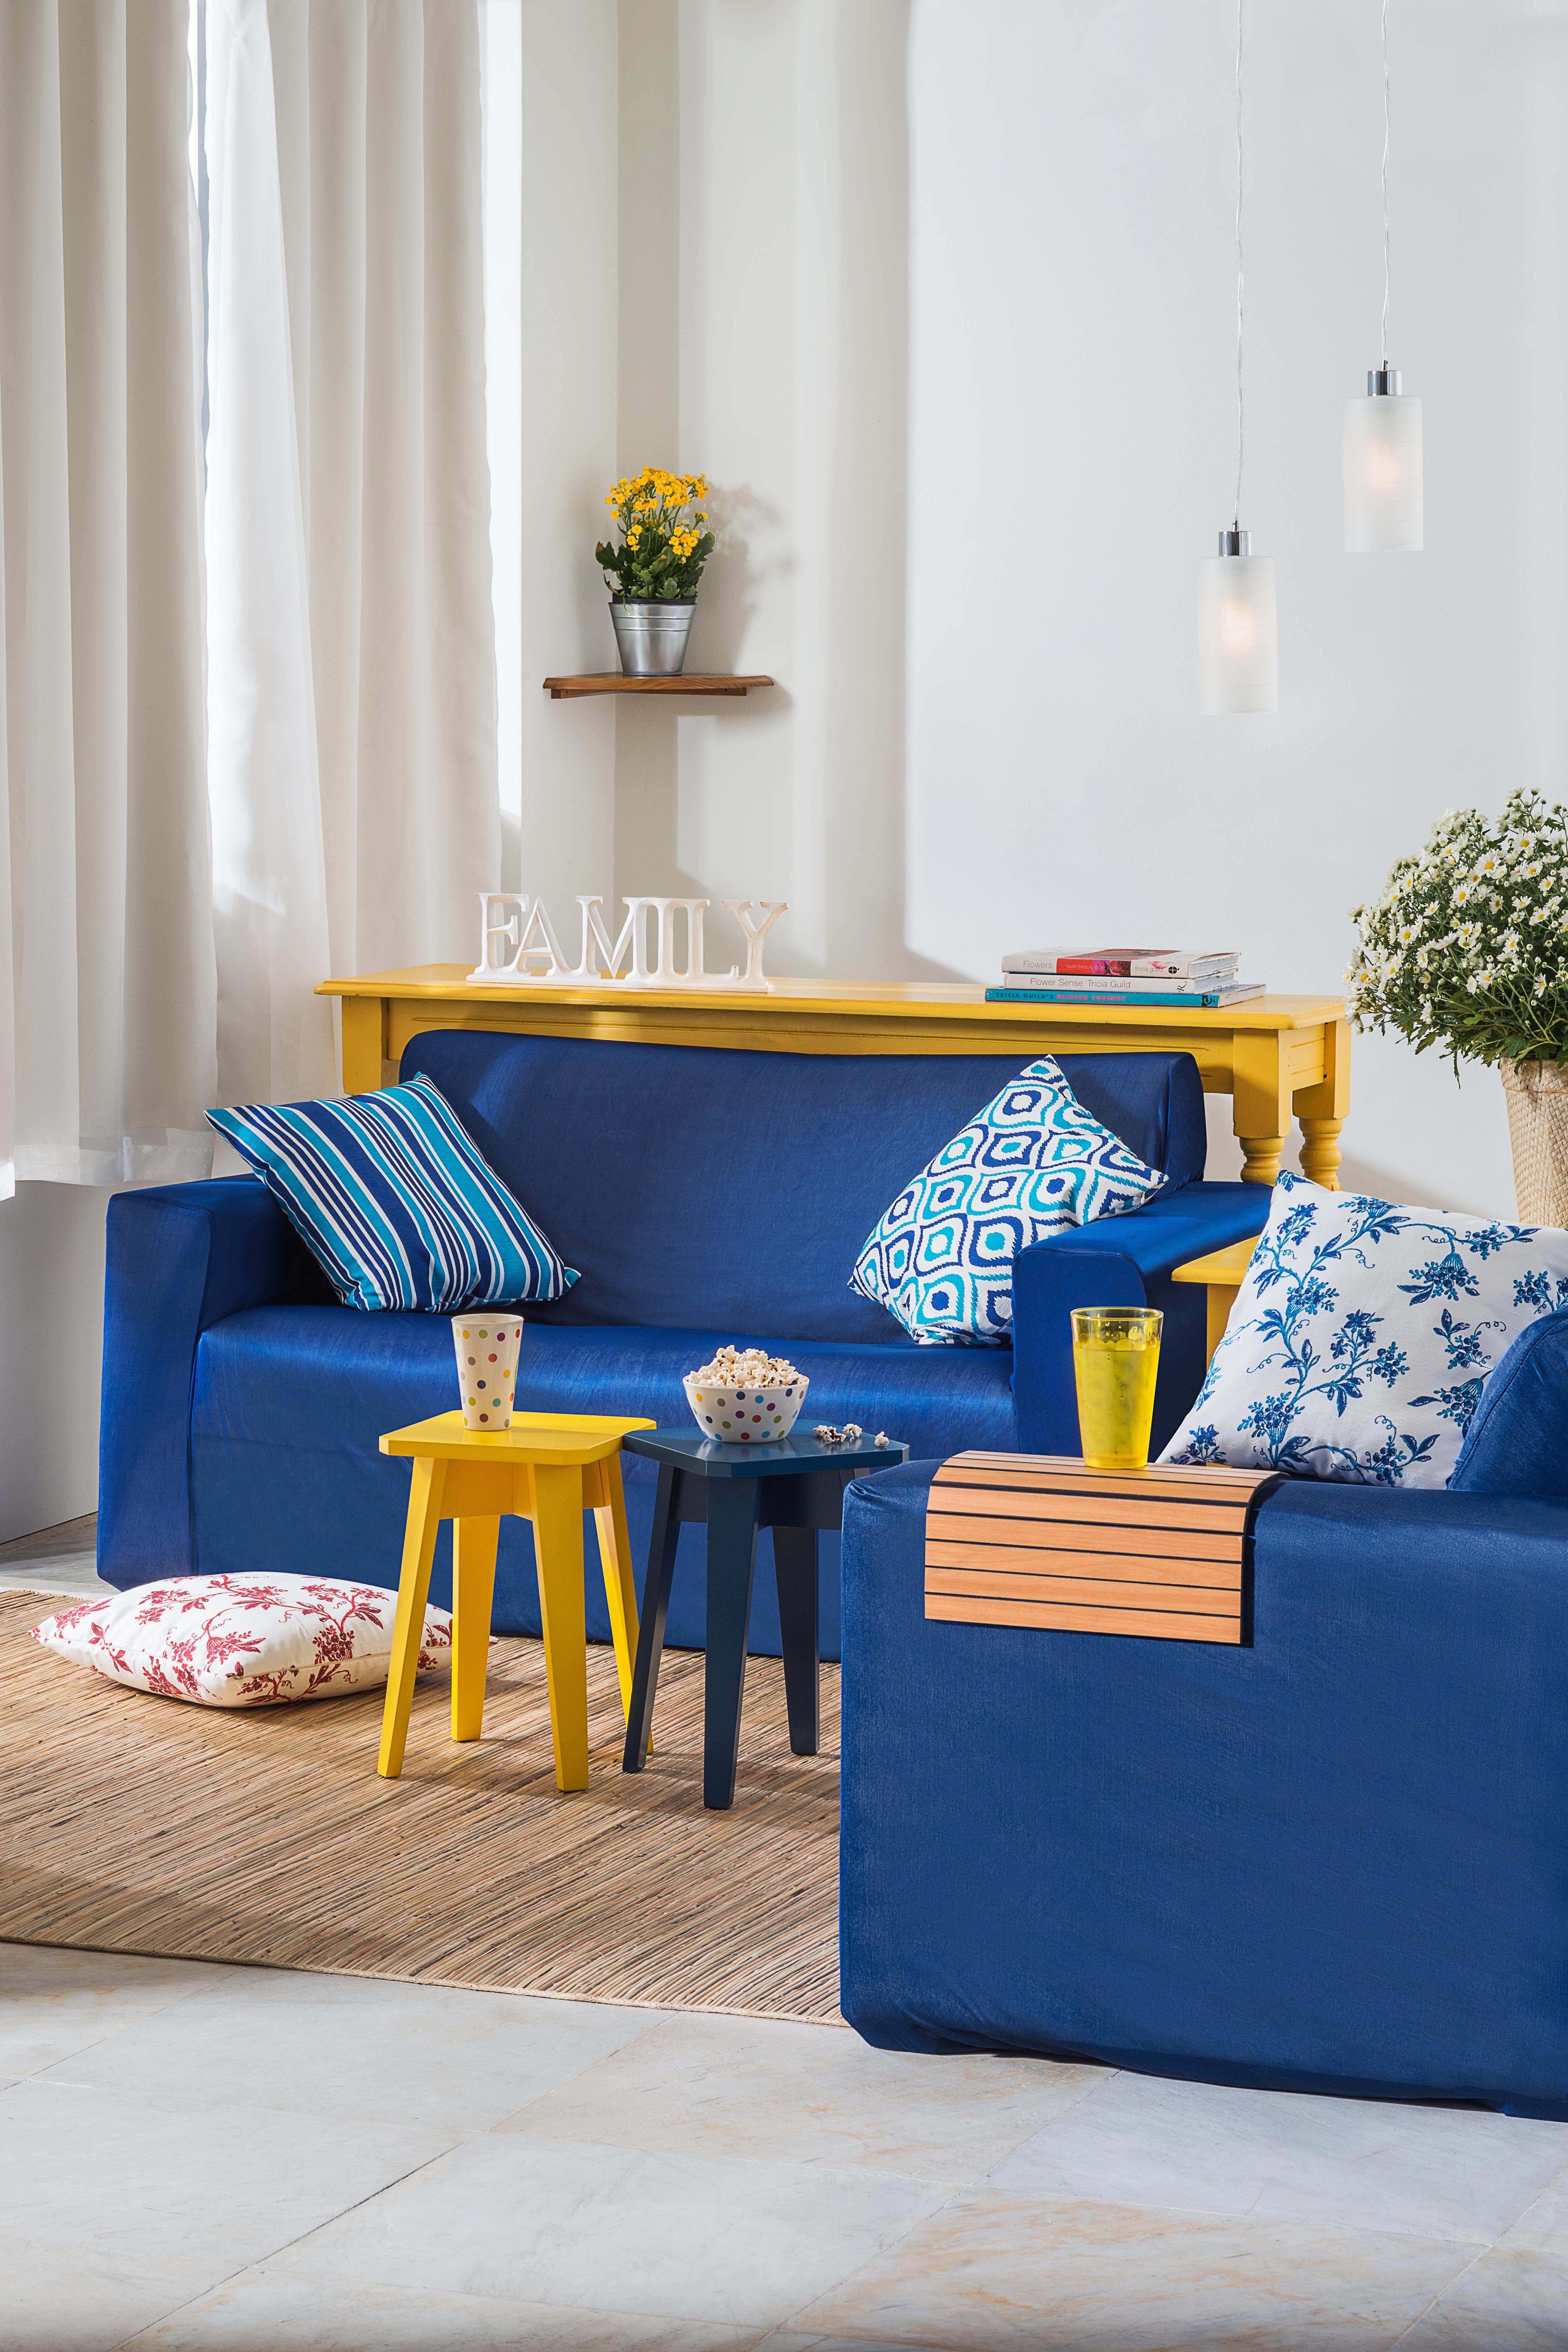 Sala Decorada Em Cores Contrastantes E Cheias De Energia Alegria  -> Decoracao De Sala Azul